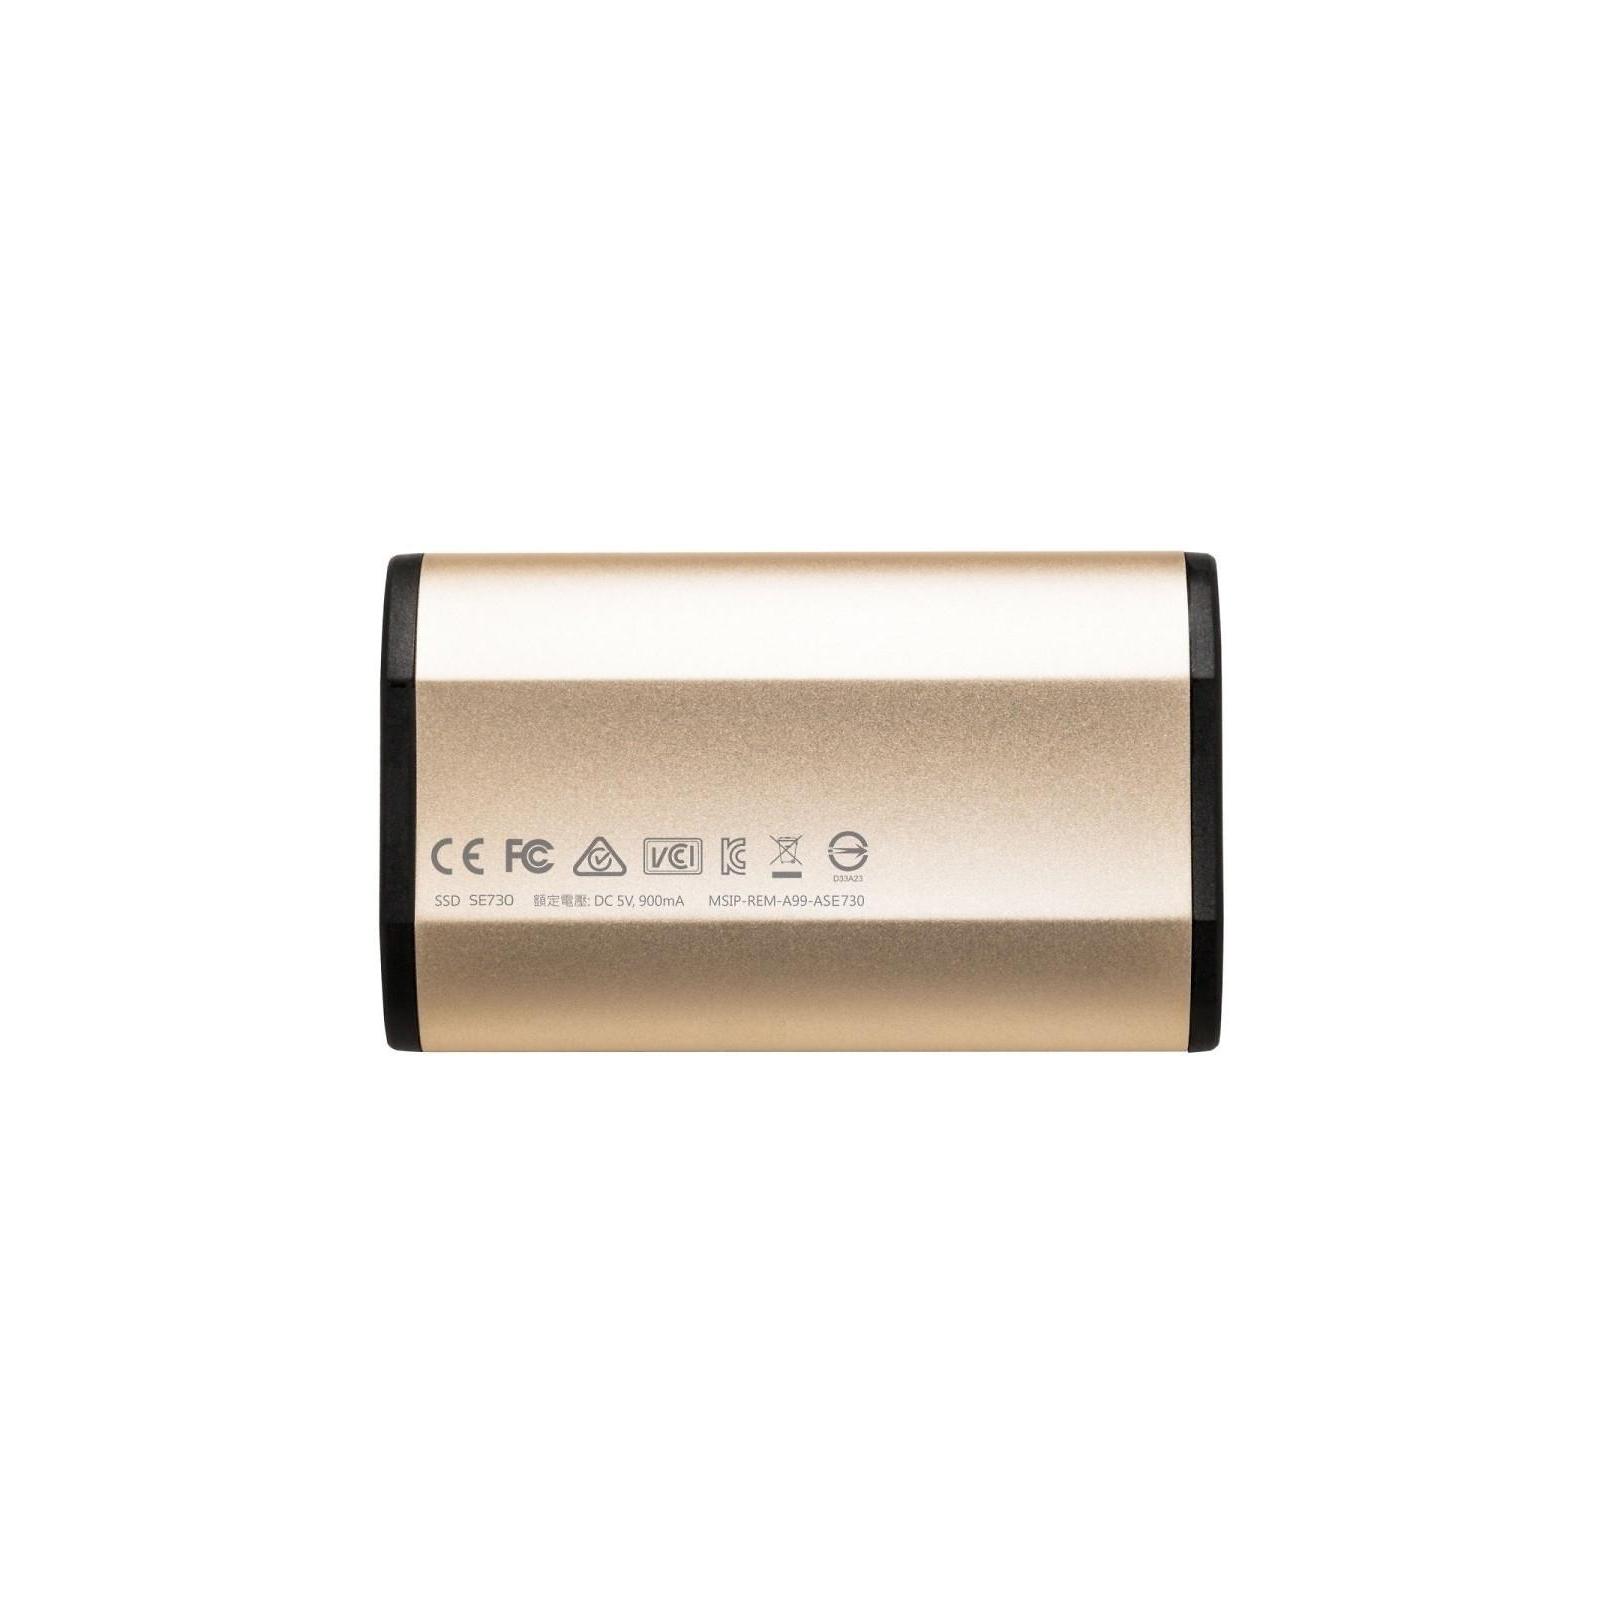 Накопитель SSD USB 3.1 512GB ADATA (ASE730H-512GU31-CGD) изображение 2